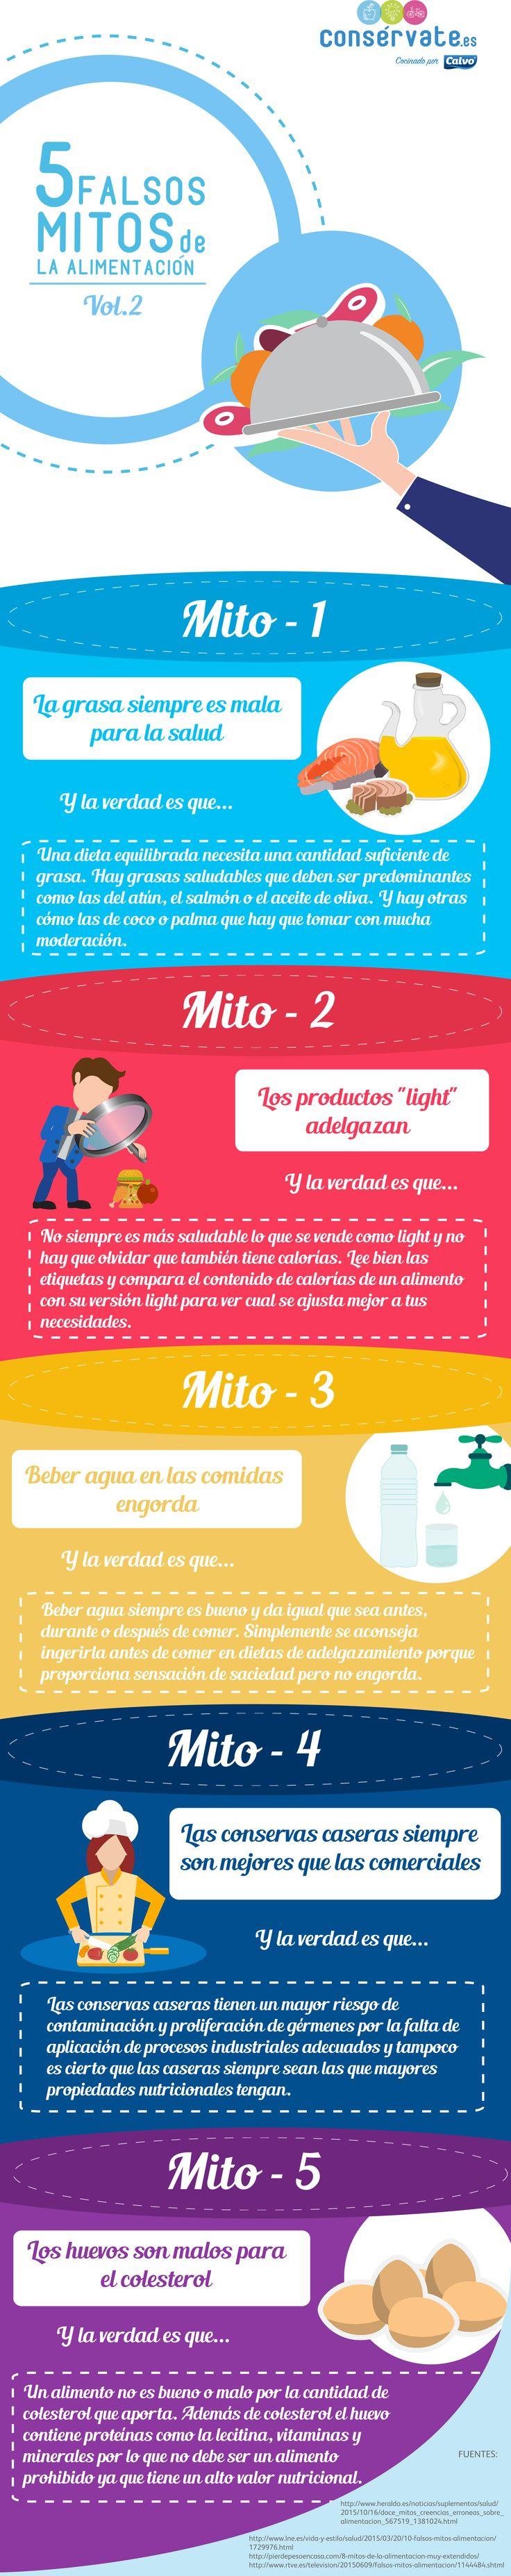 Infografía: 5 falsos mitos de la alimentación